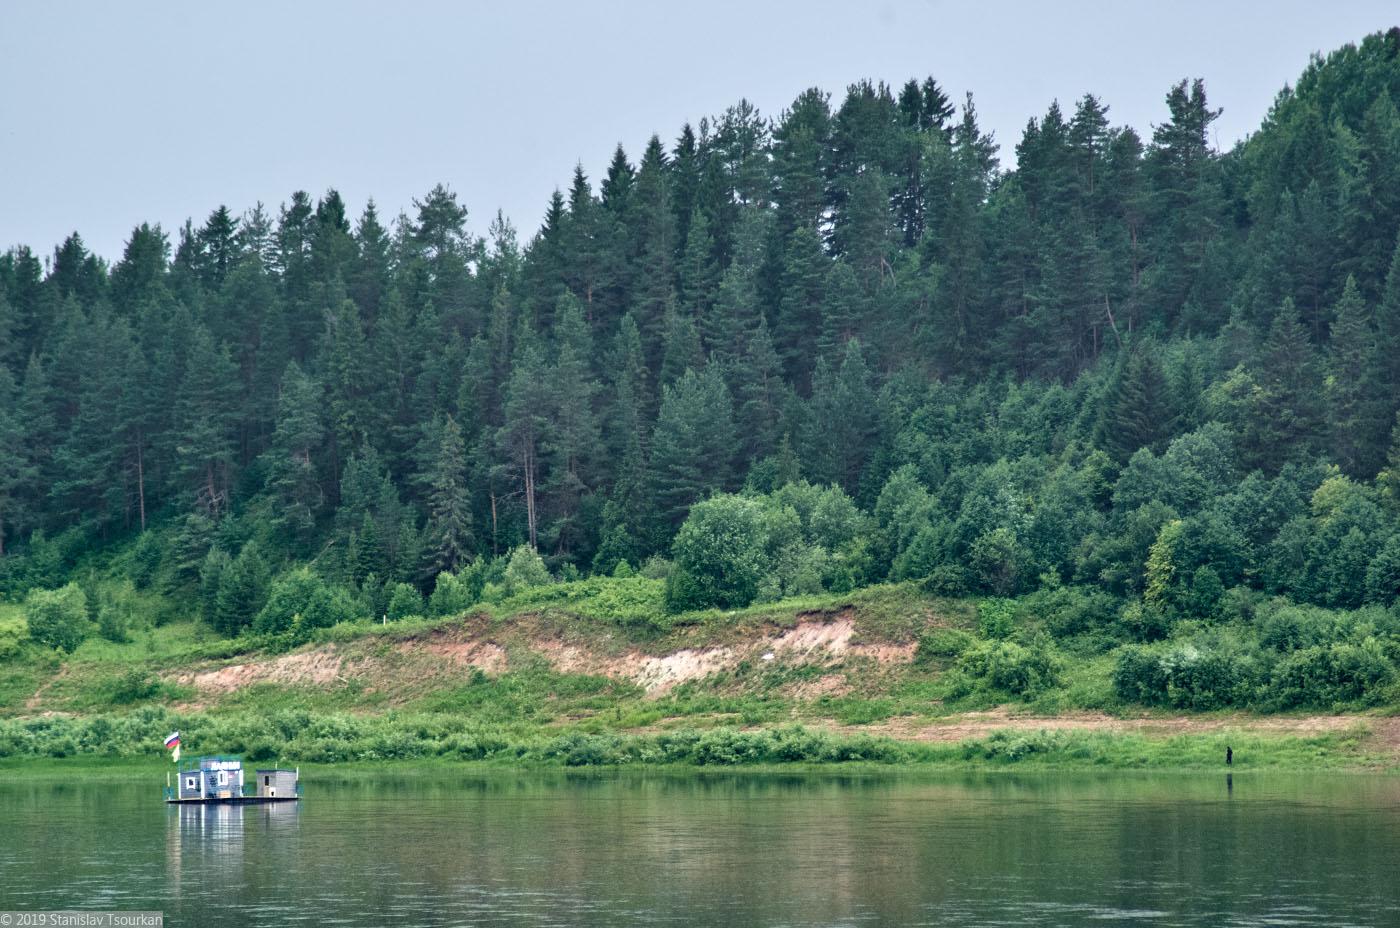 Вологодская область, Вологодчина, Великий устюг, Русский север, Сухона, Ладный